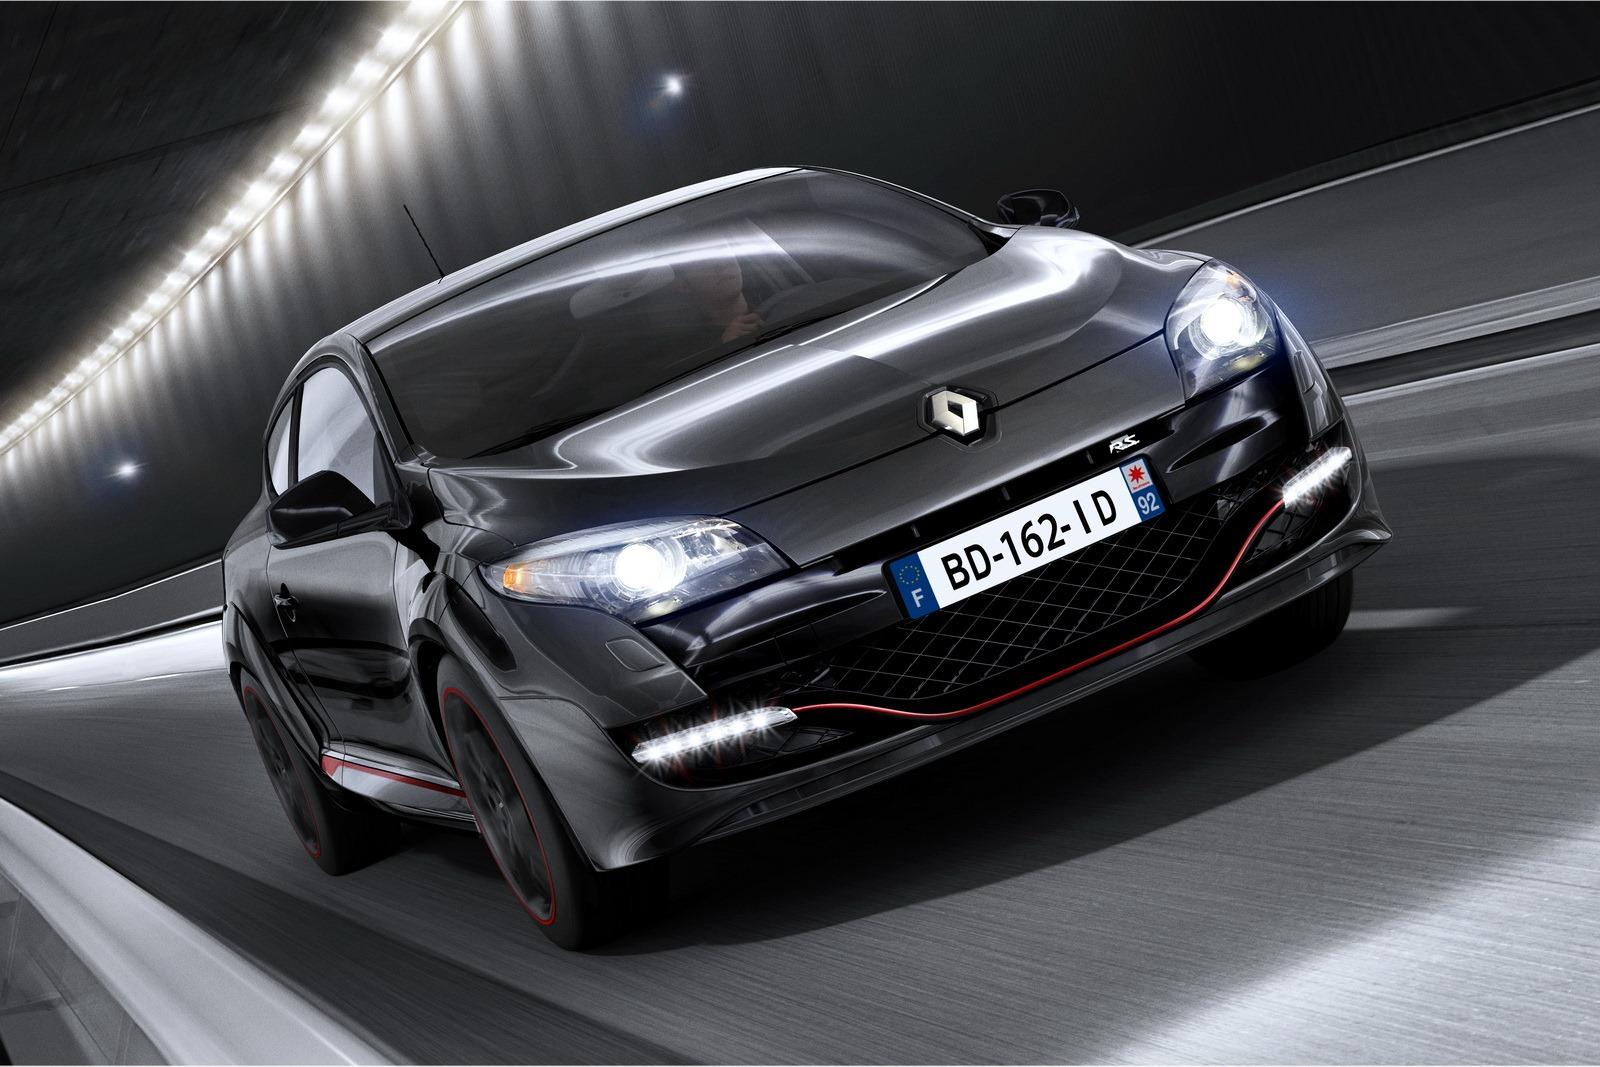 renault m gane facelift coup hatch sportour rs topic ufficiale 2012 renault autopareri. Black Bedroom Furniture Sets. Home Design Ideas